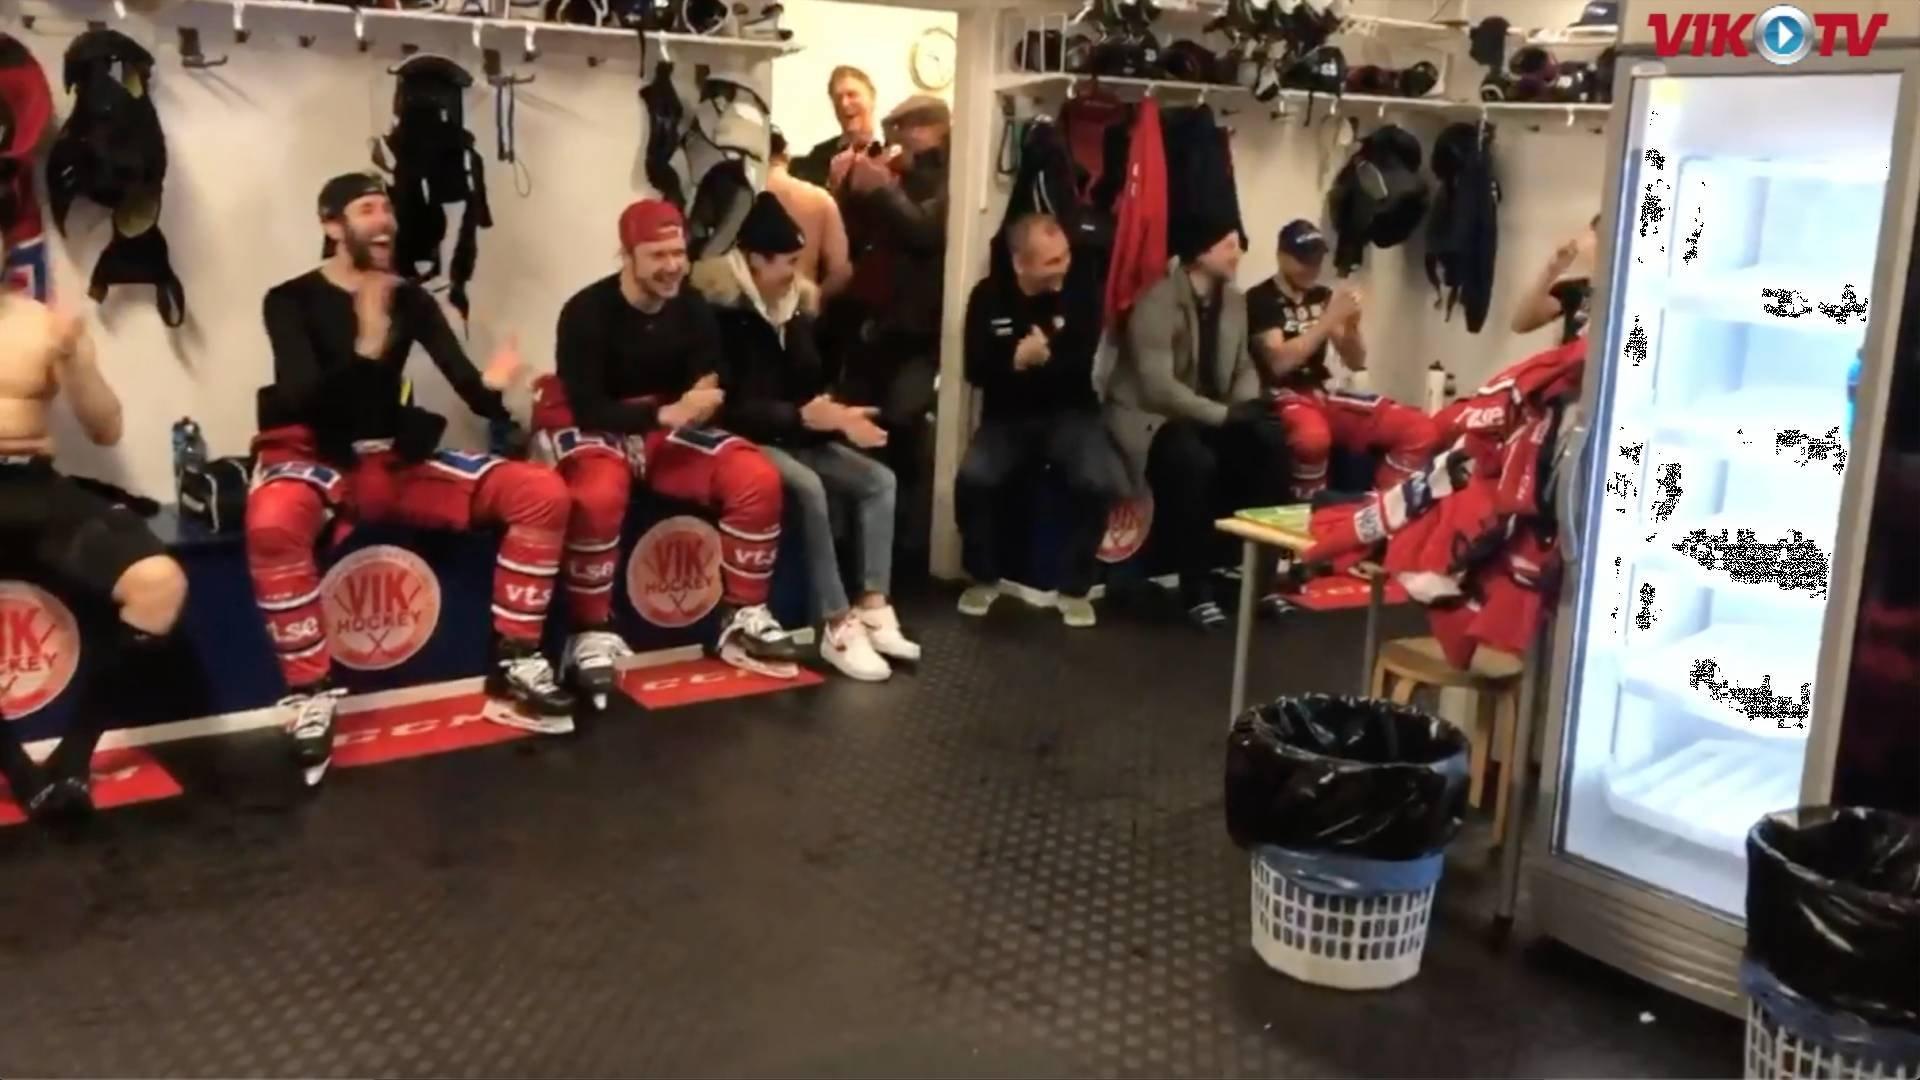 VIK-TV: Omklädningsrumsjubel och intervjuer med Ullman och Åhman efter VIK-Björklöven 4-2